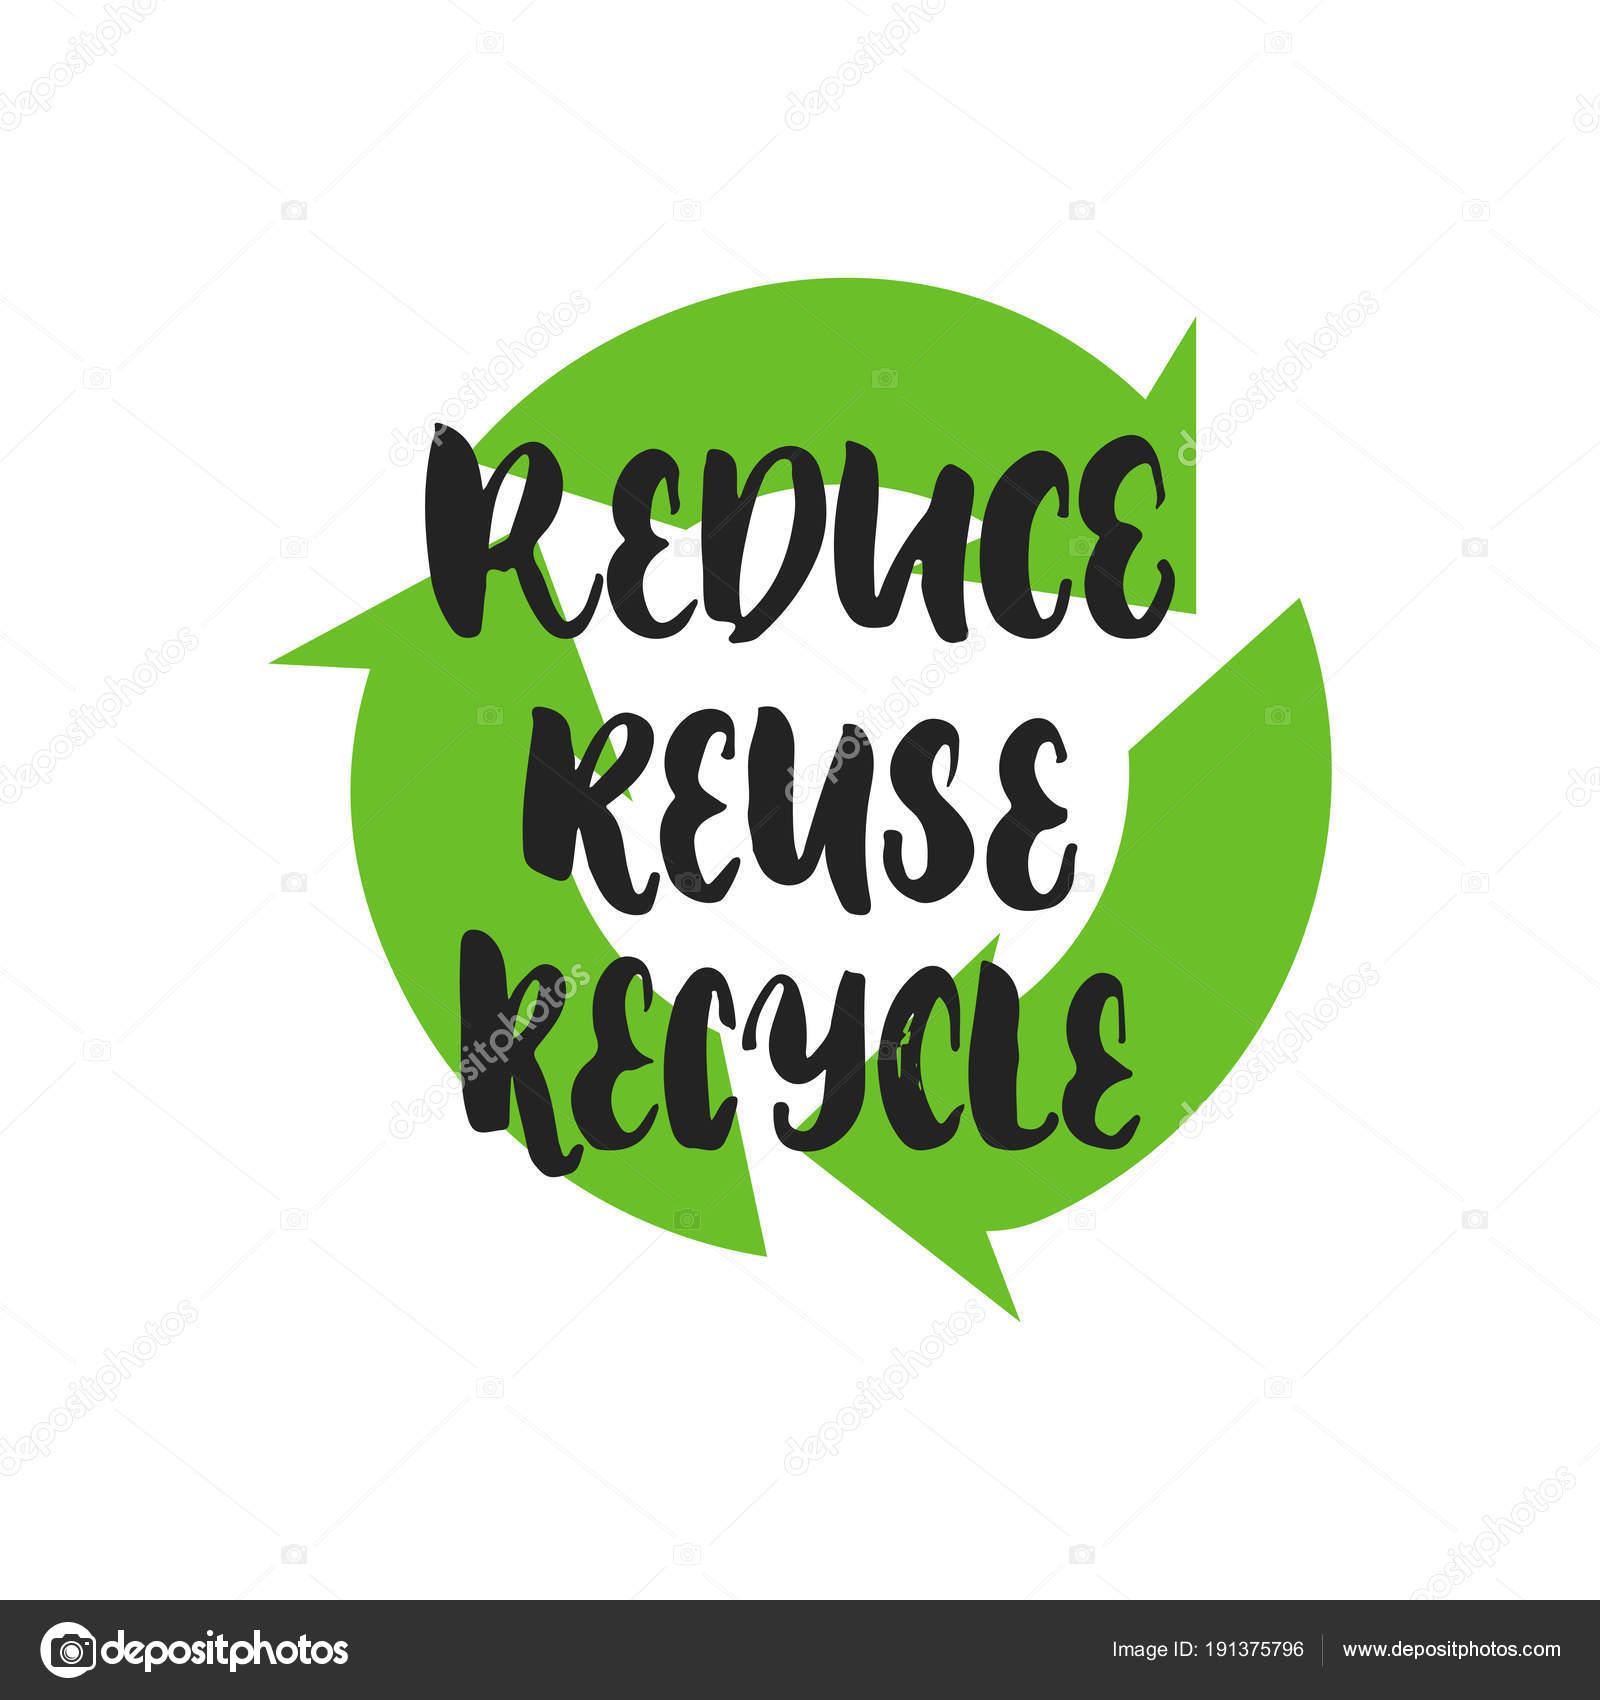 Imágenes Sobre Reciclar Reducir Reutilizar Reciclar